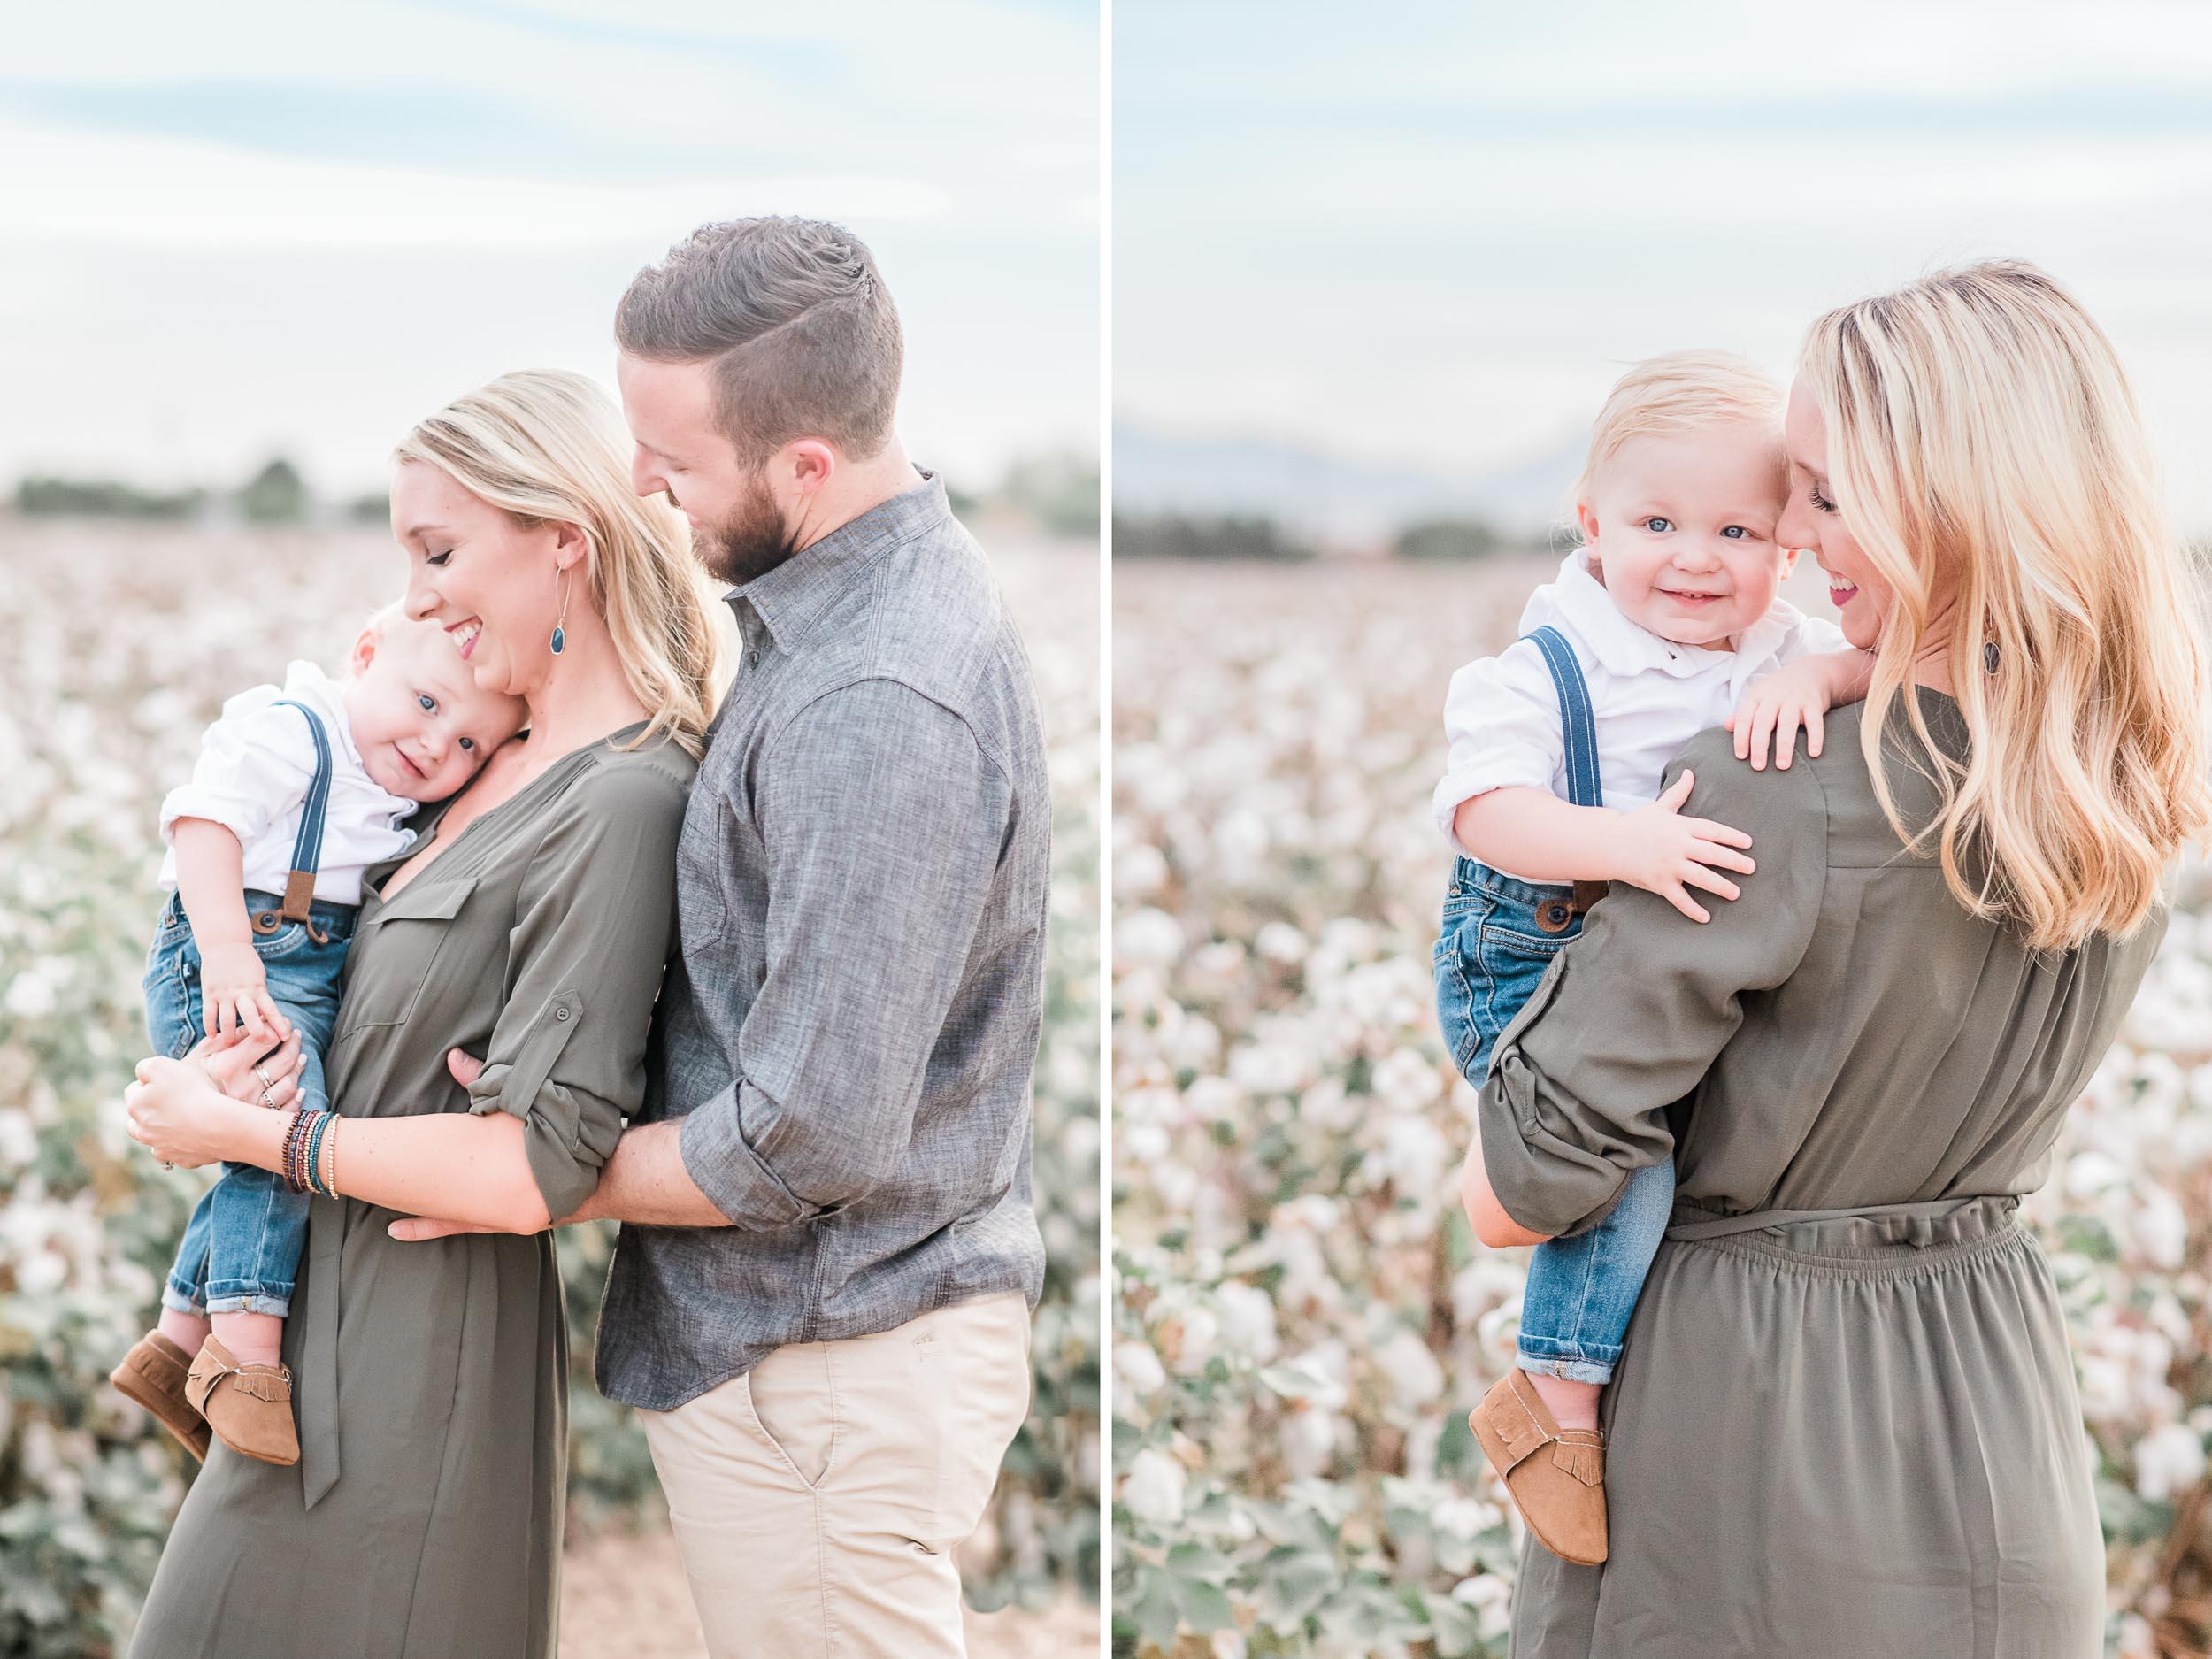 RachaelLaynePhotography_AZfamilyphotographer05-2.jpg